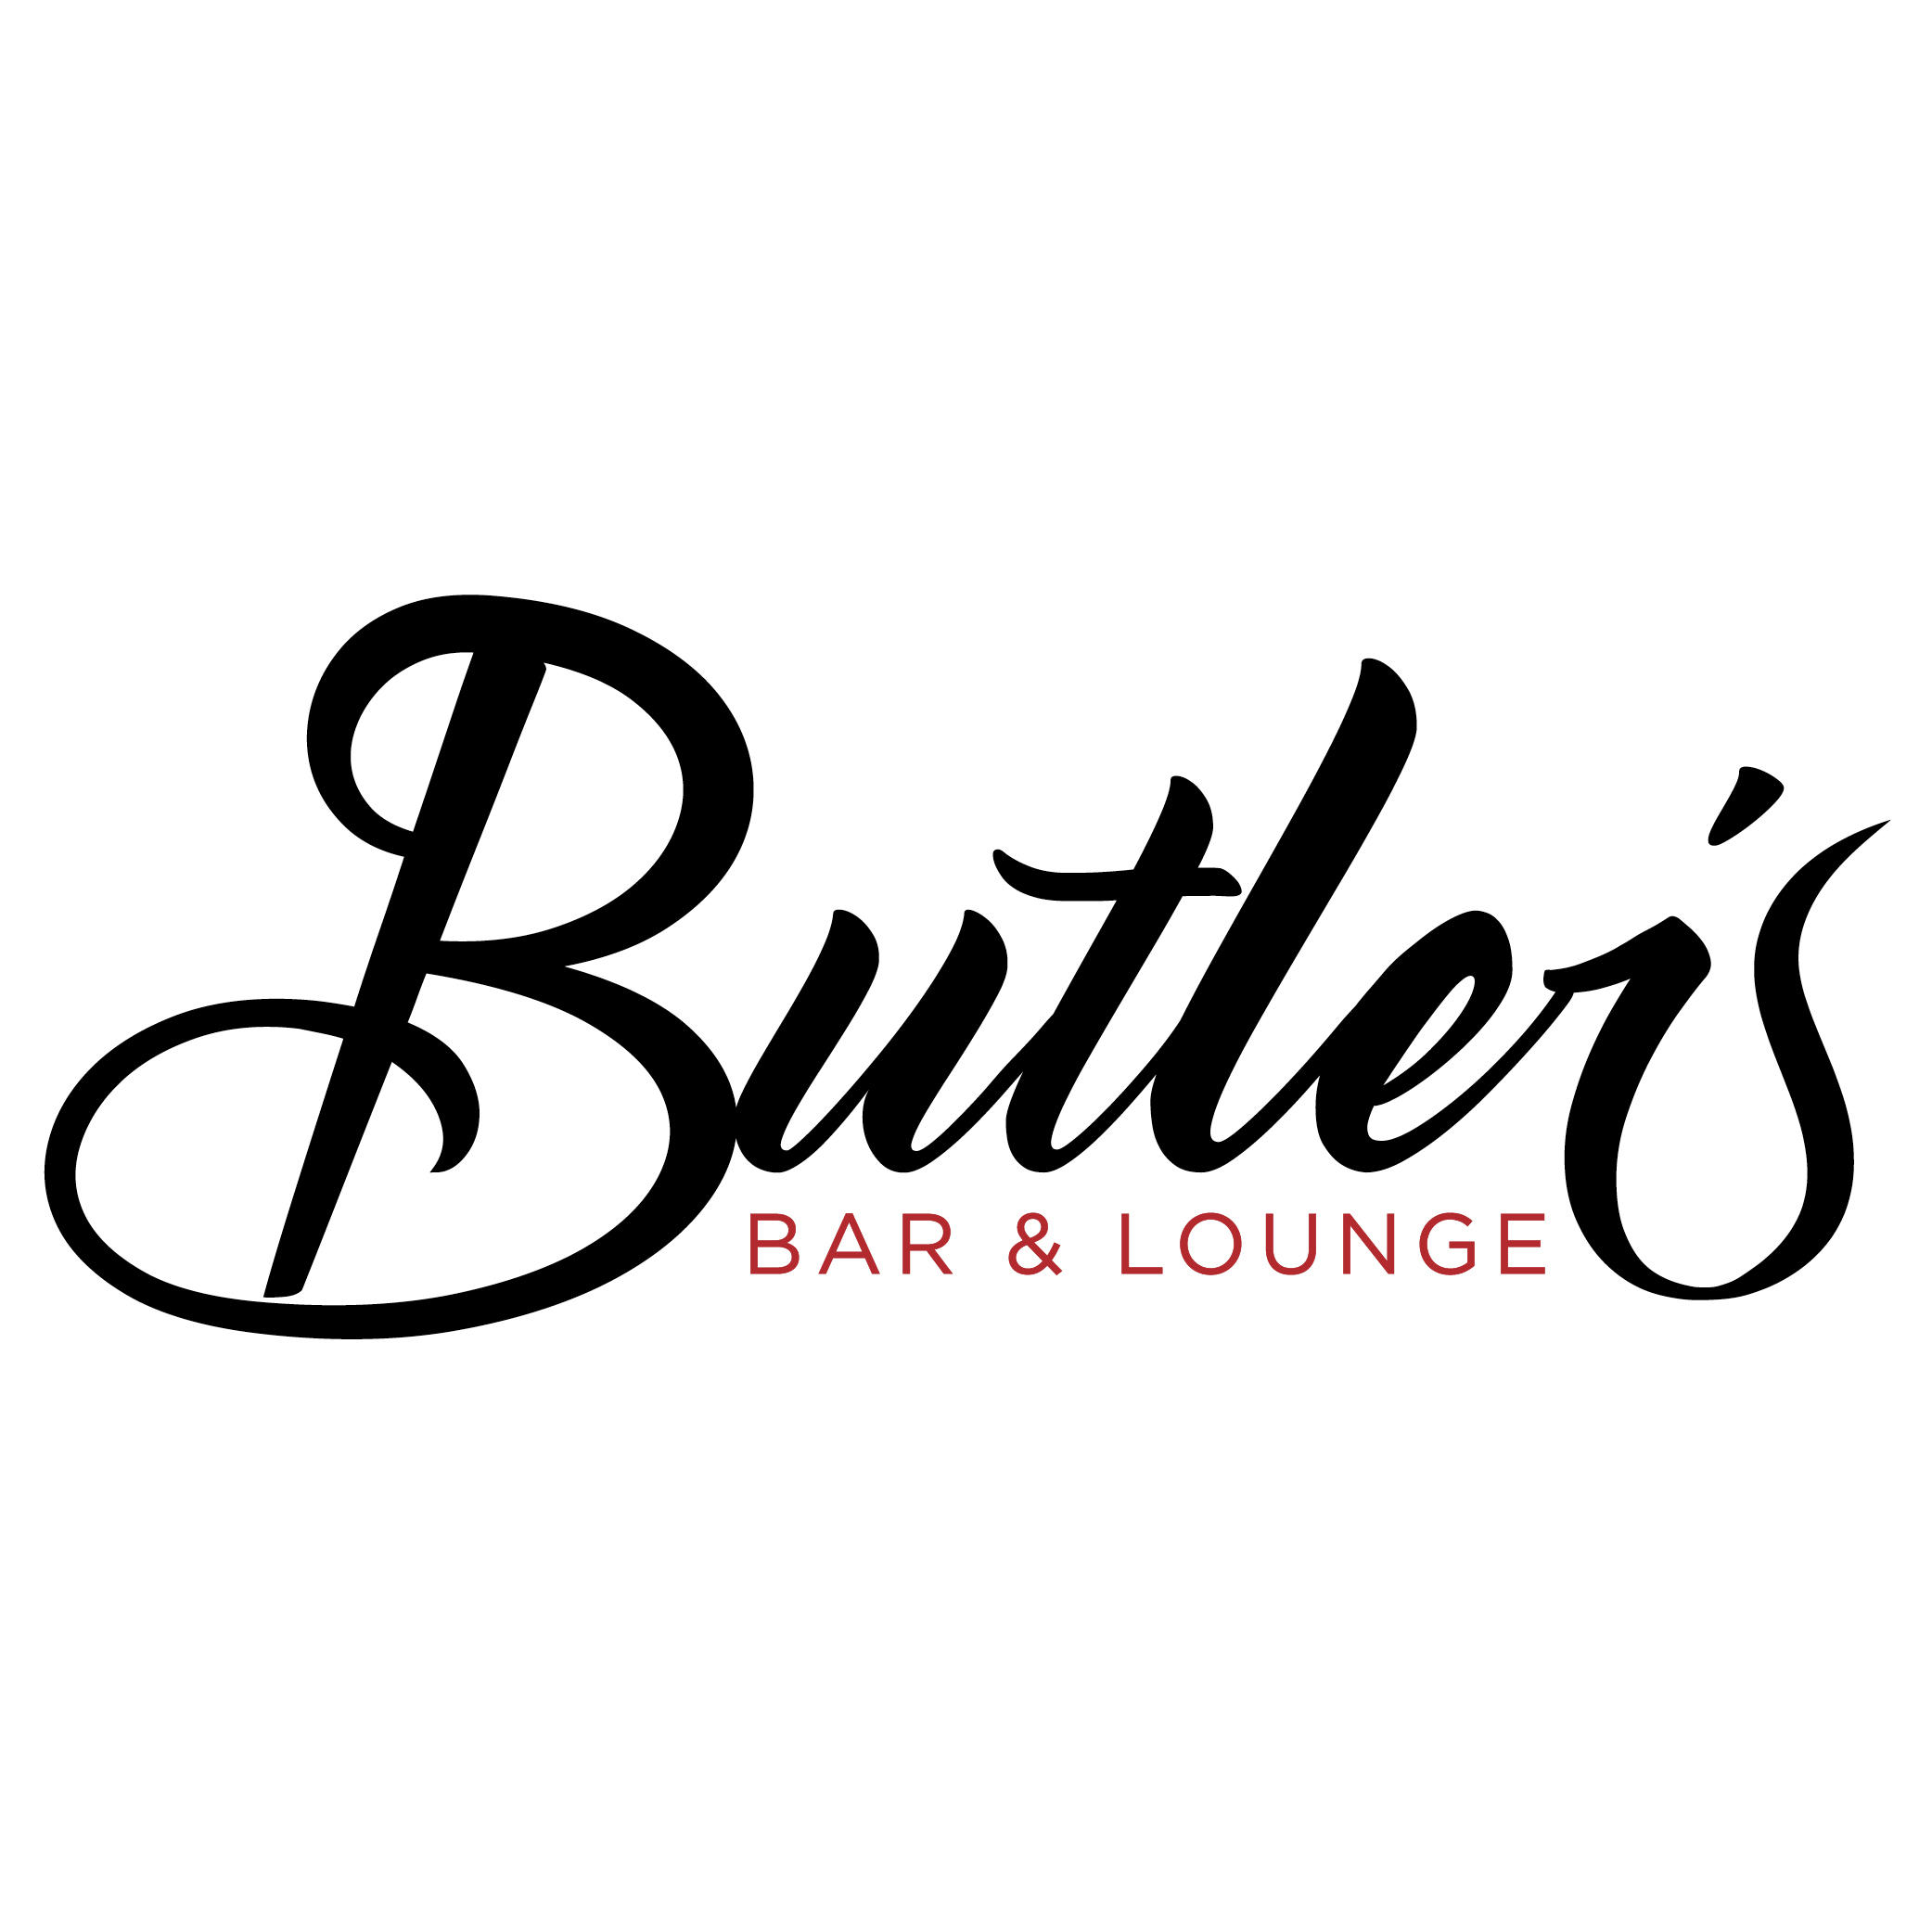 Butler's Bar & Lounge